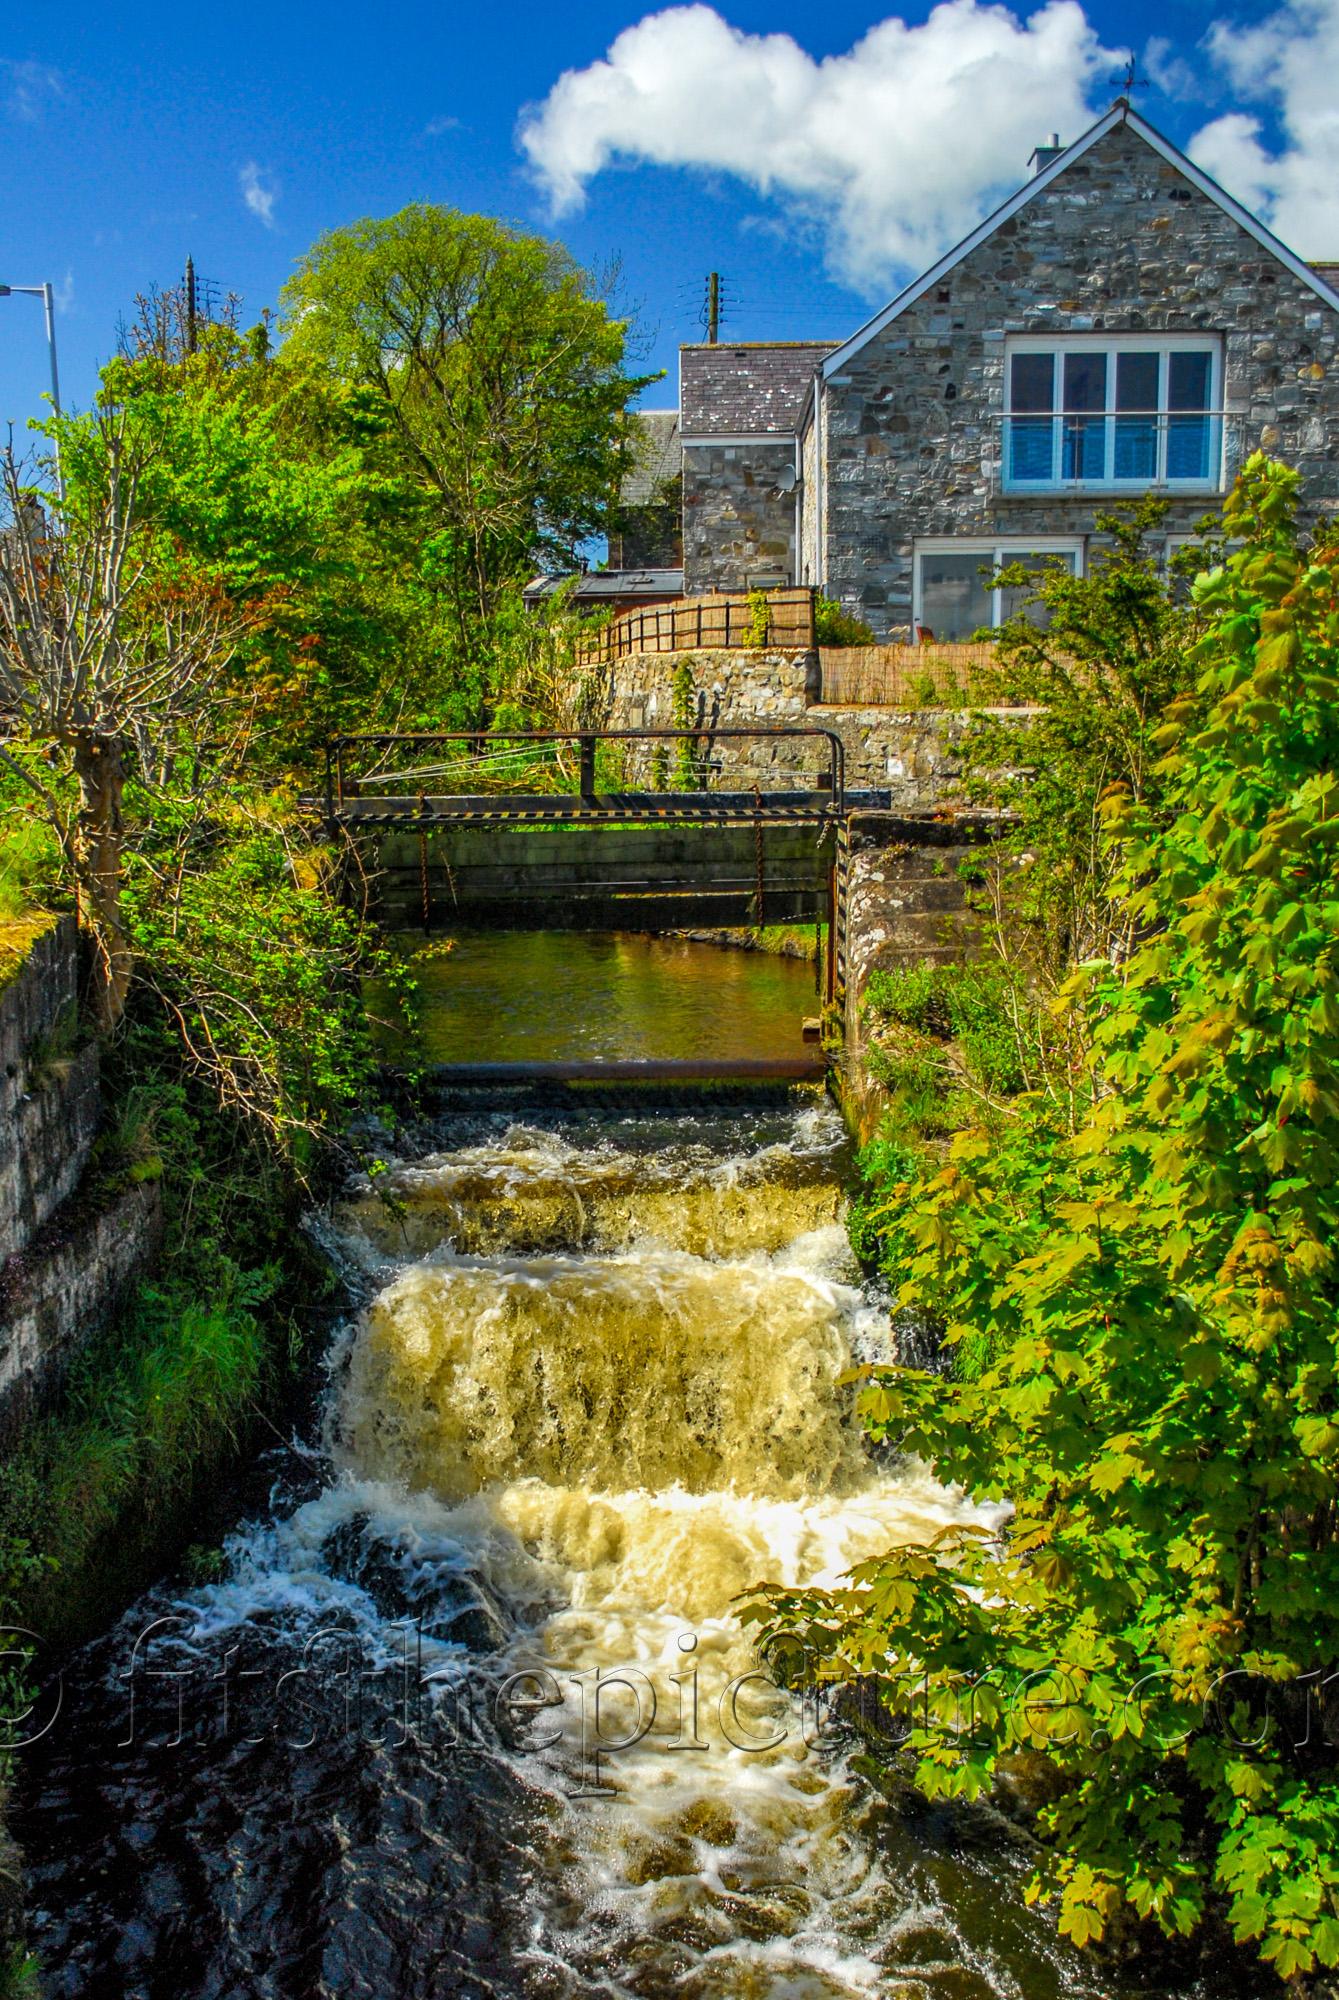 Garlieston - The Old Millrace